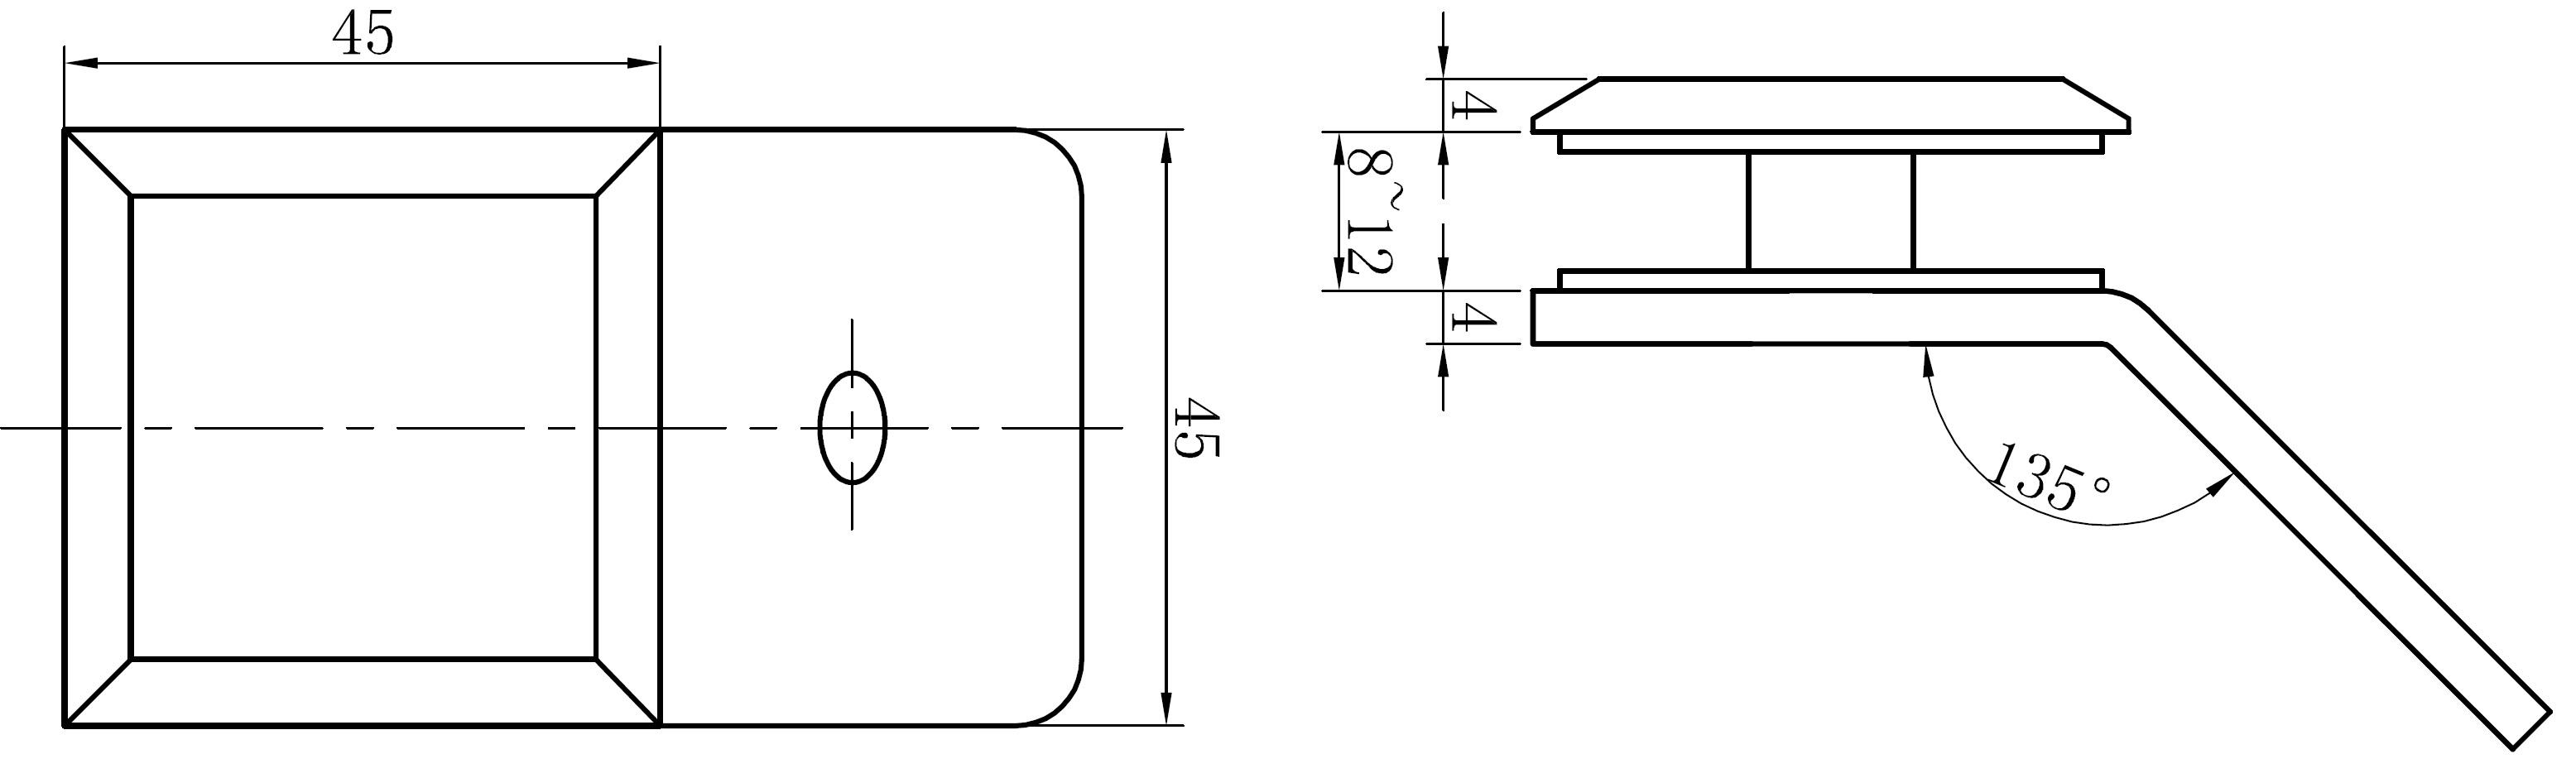 AR 3116 Cam Duvar Tutucu Teknik Çizim